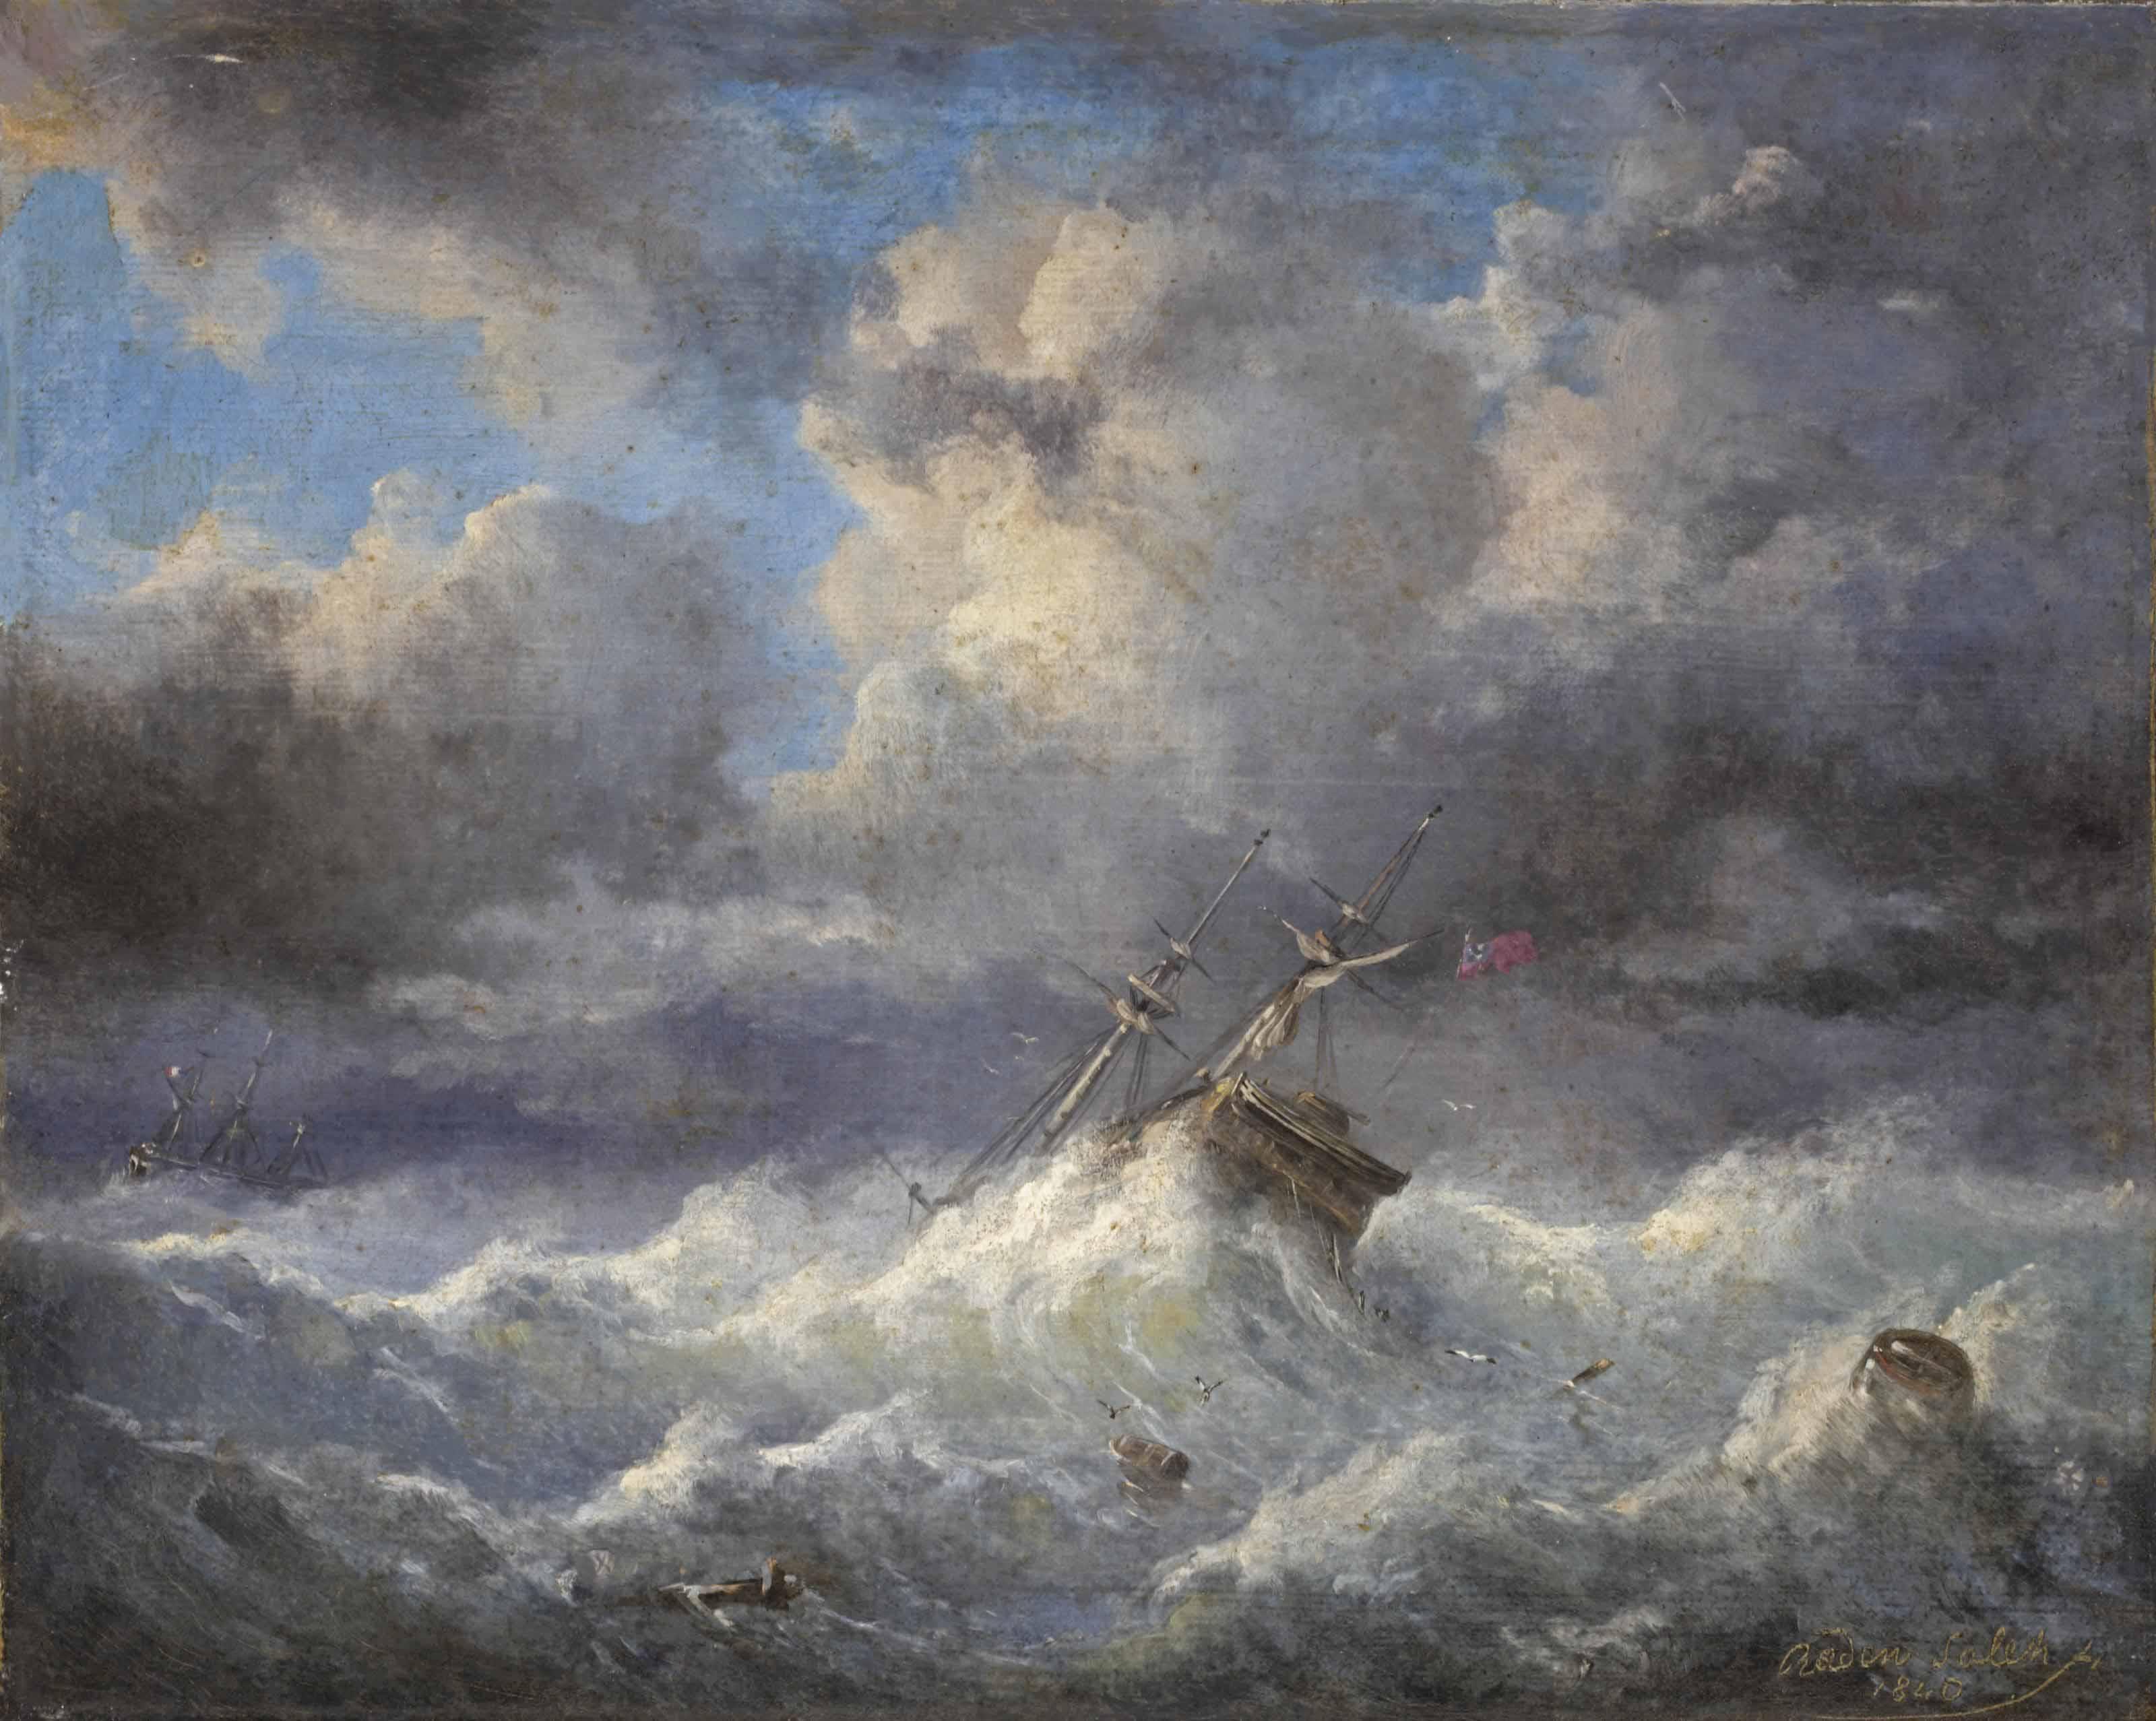 British marine vessel in heavy weather